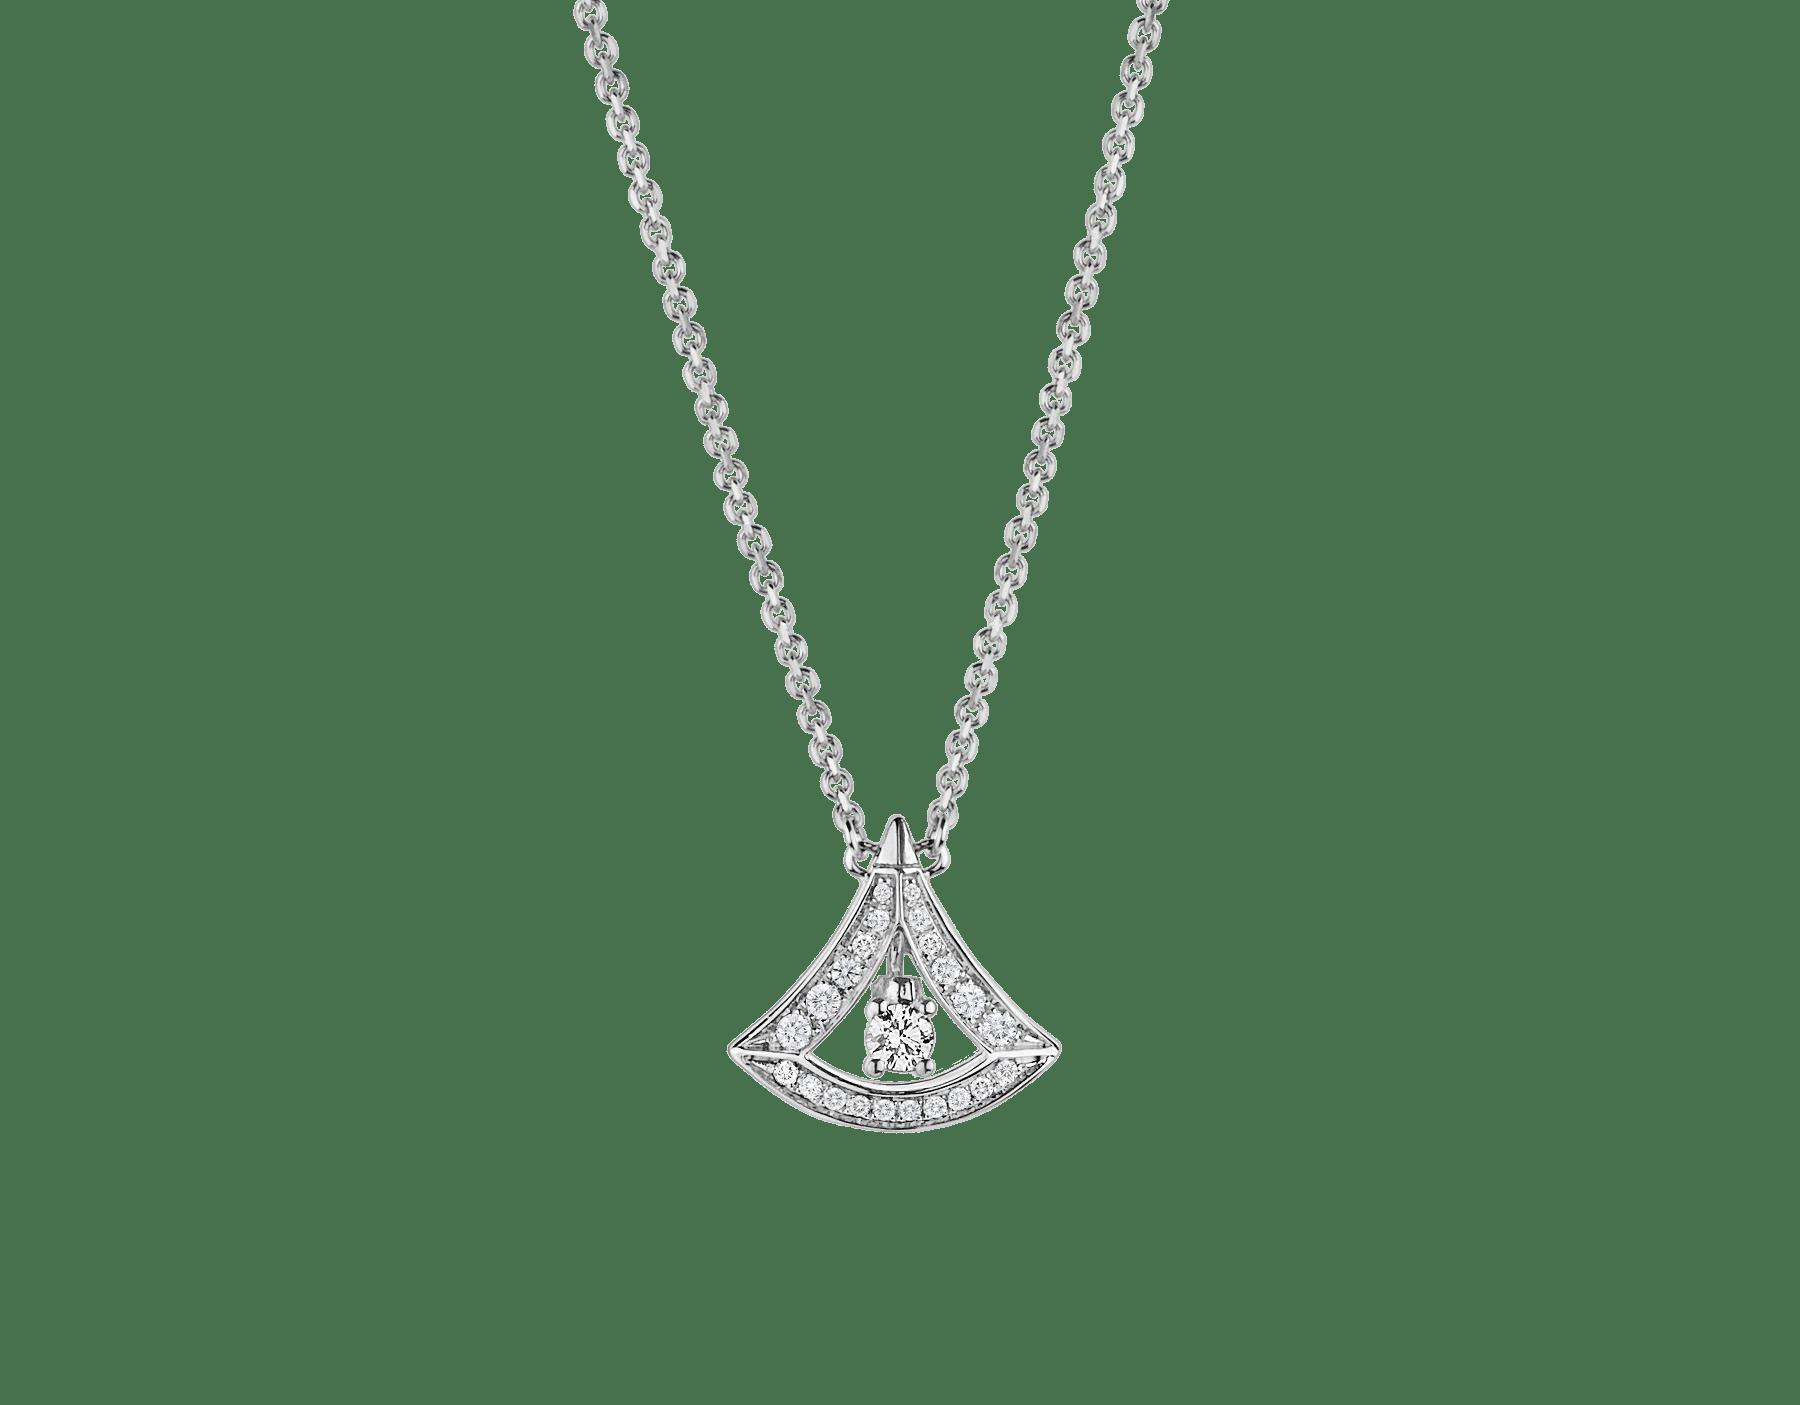 Collier ajouré DIVAS' DREAM en or blanc 18K, pendentif en or blanc 18K avec diamant de centre et pavé diamants (0,25ct). 354049 image 1